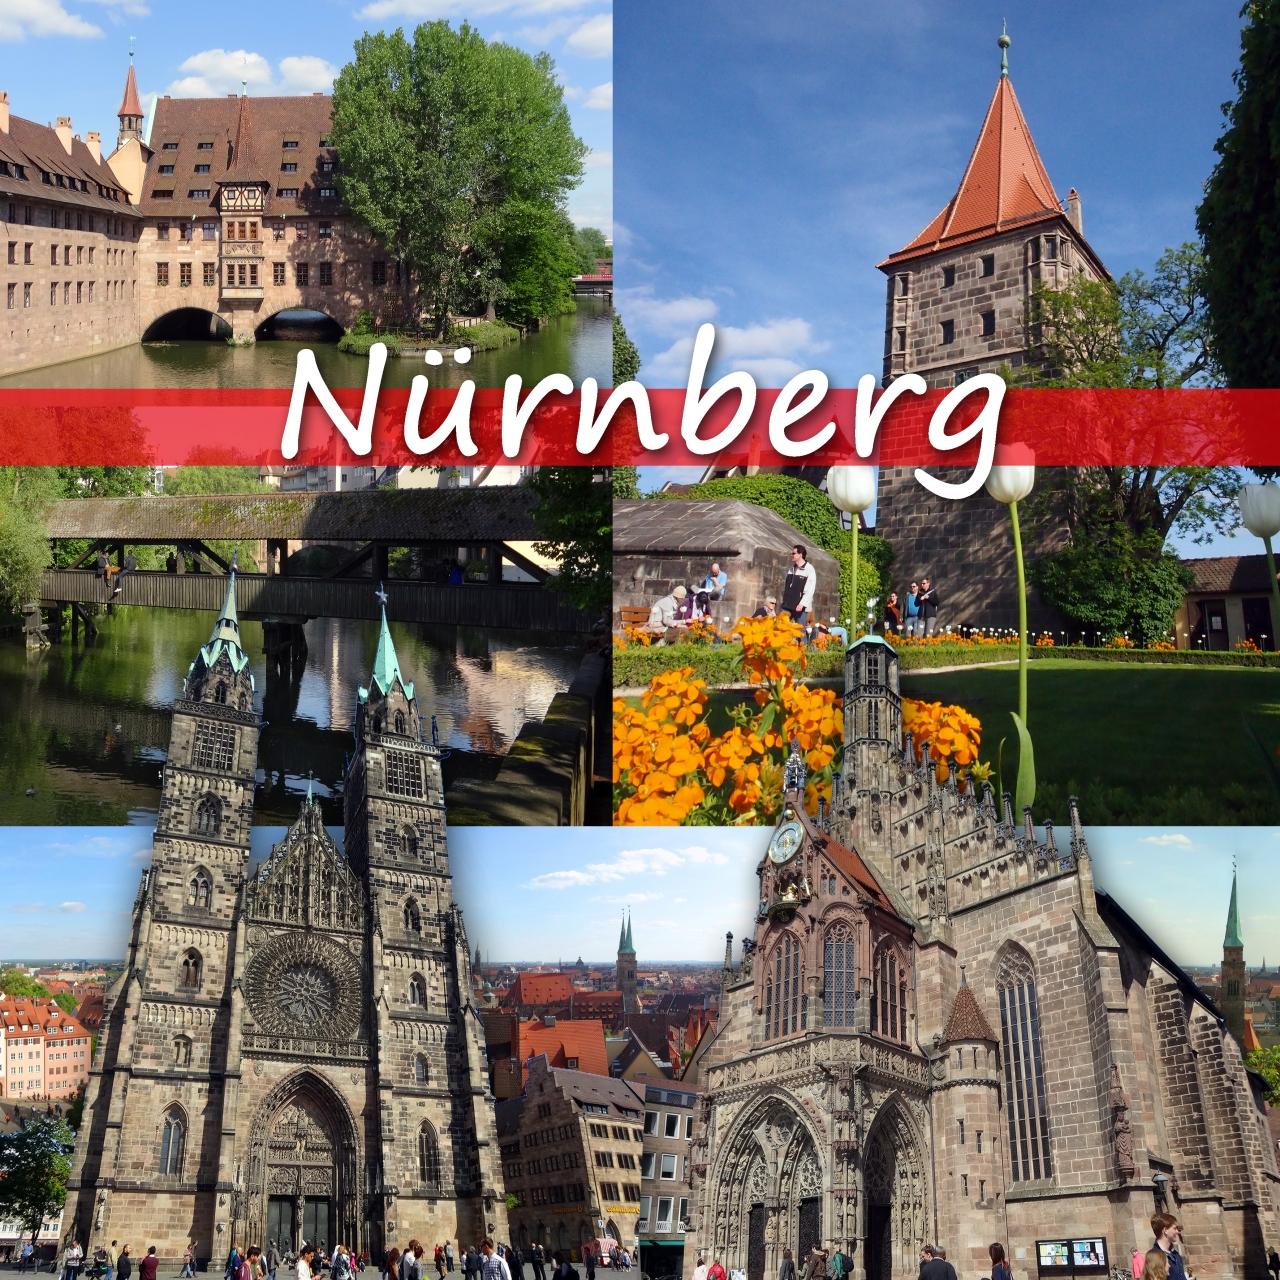 ドイツ鉄道で4都市をめぐる旅 2 -日曜日のニュルンベルク街歩き ...